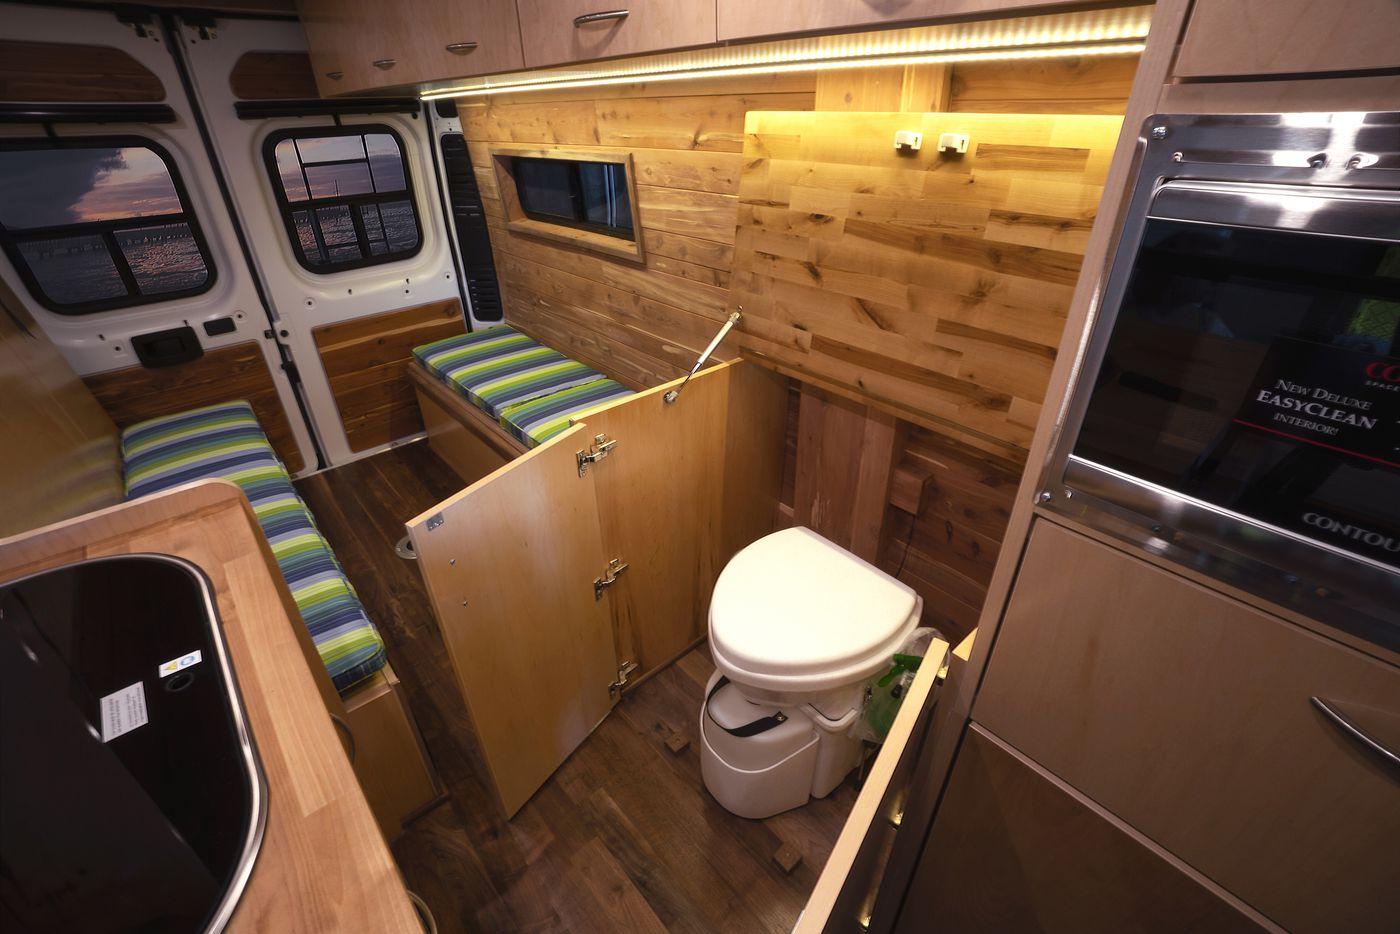 Casa de banho, cozinha e sala de estar